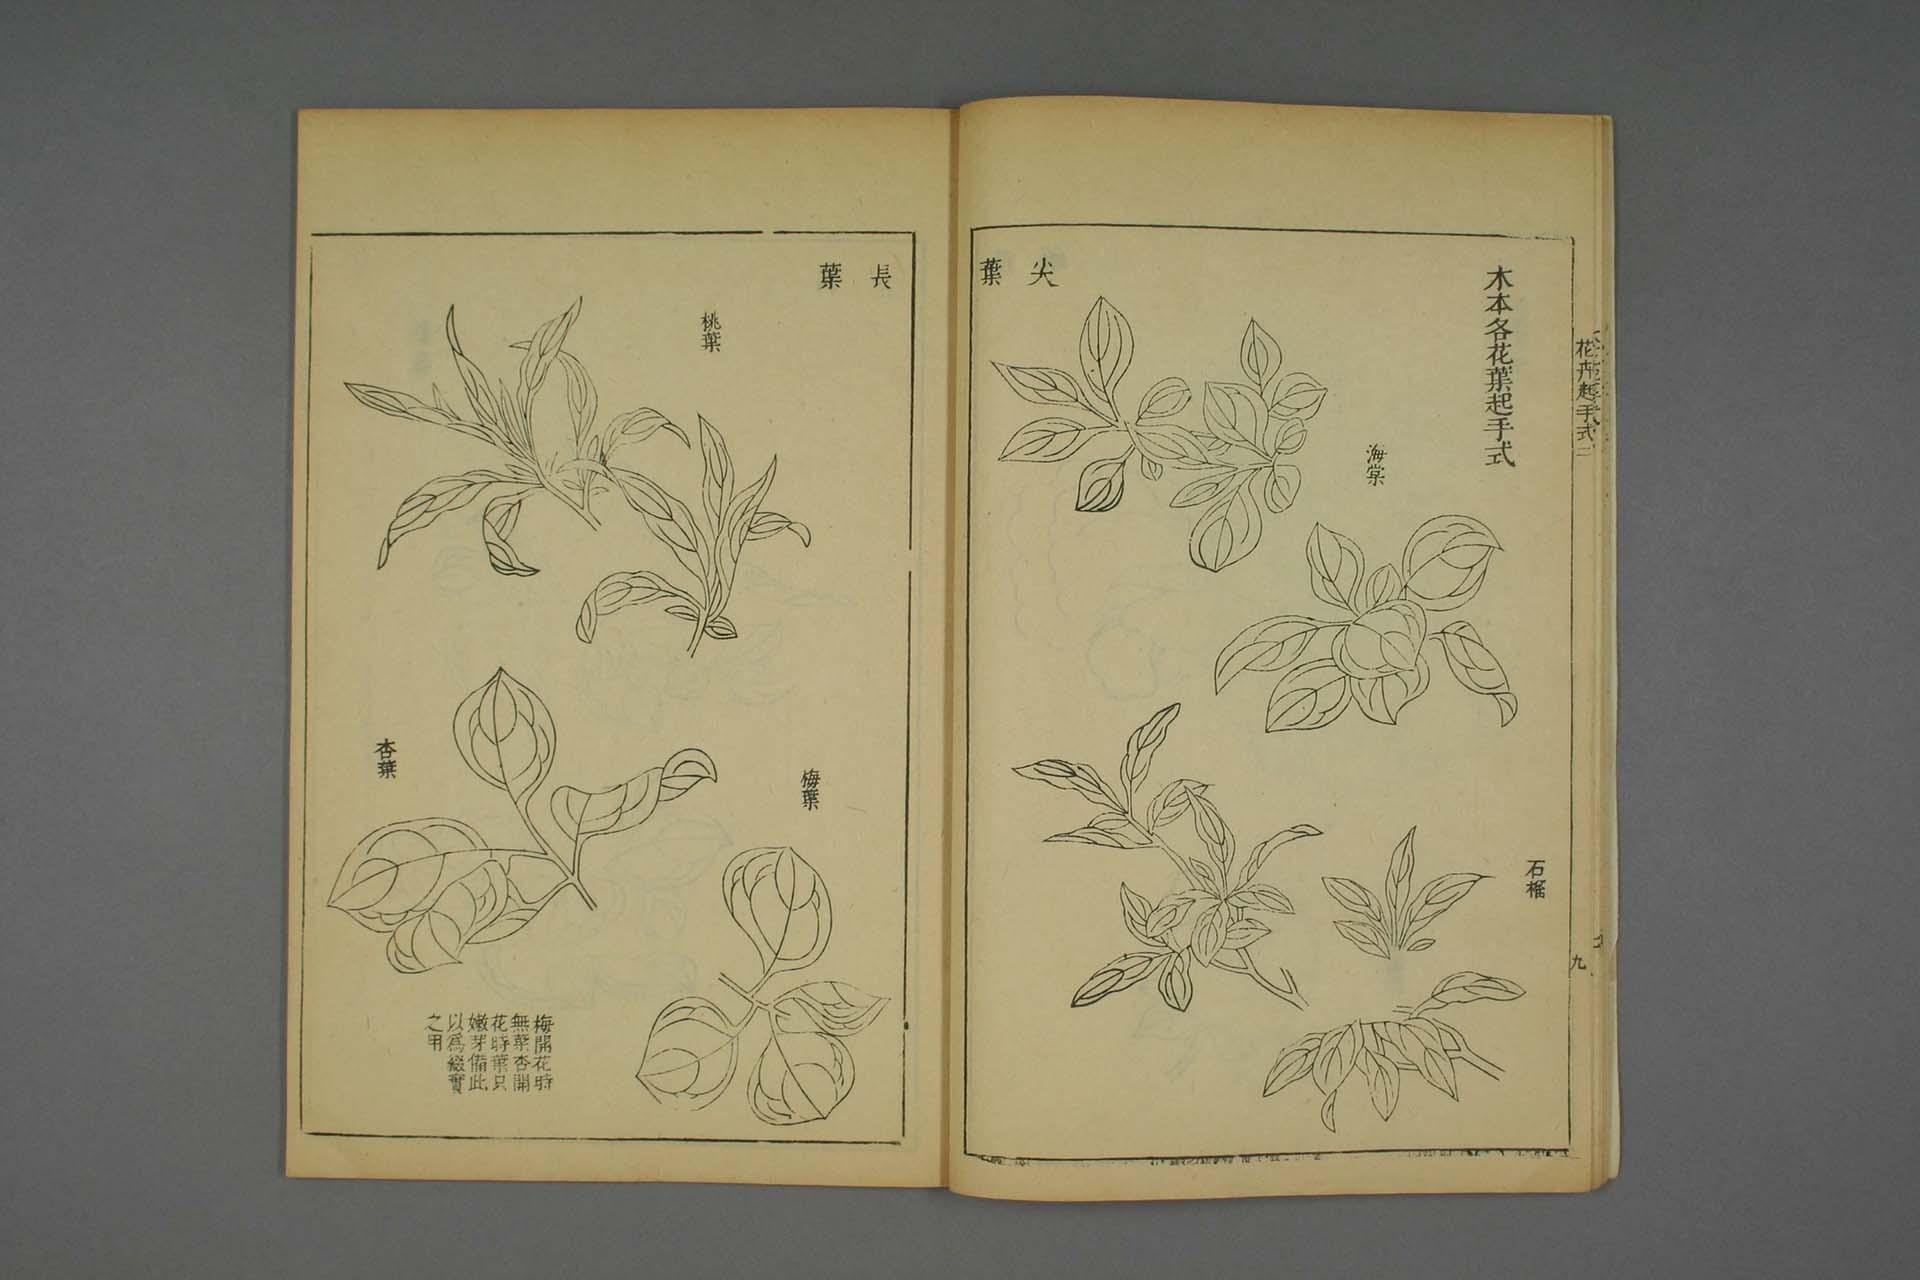 芥子园画谱 康熙刻本全集-刻本-16